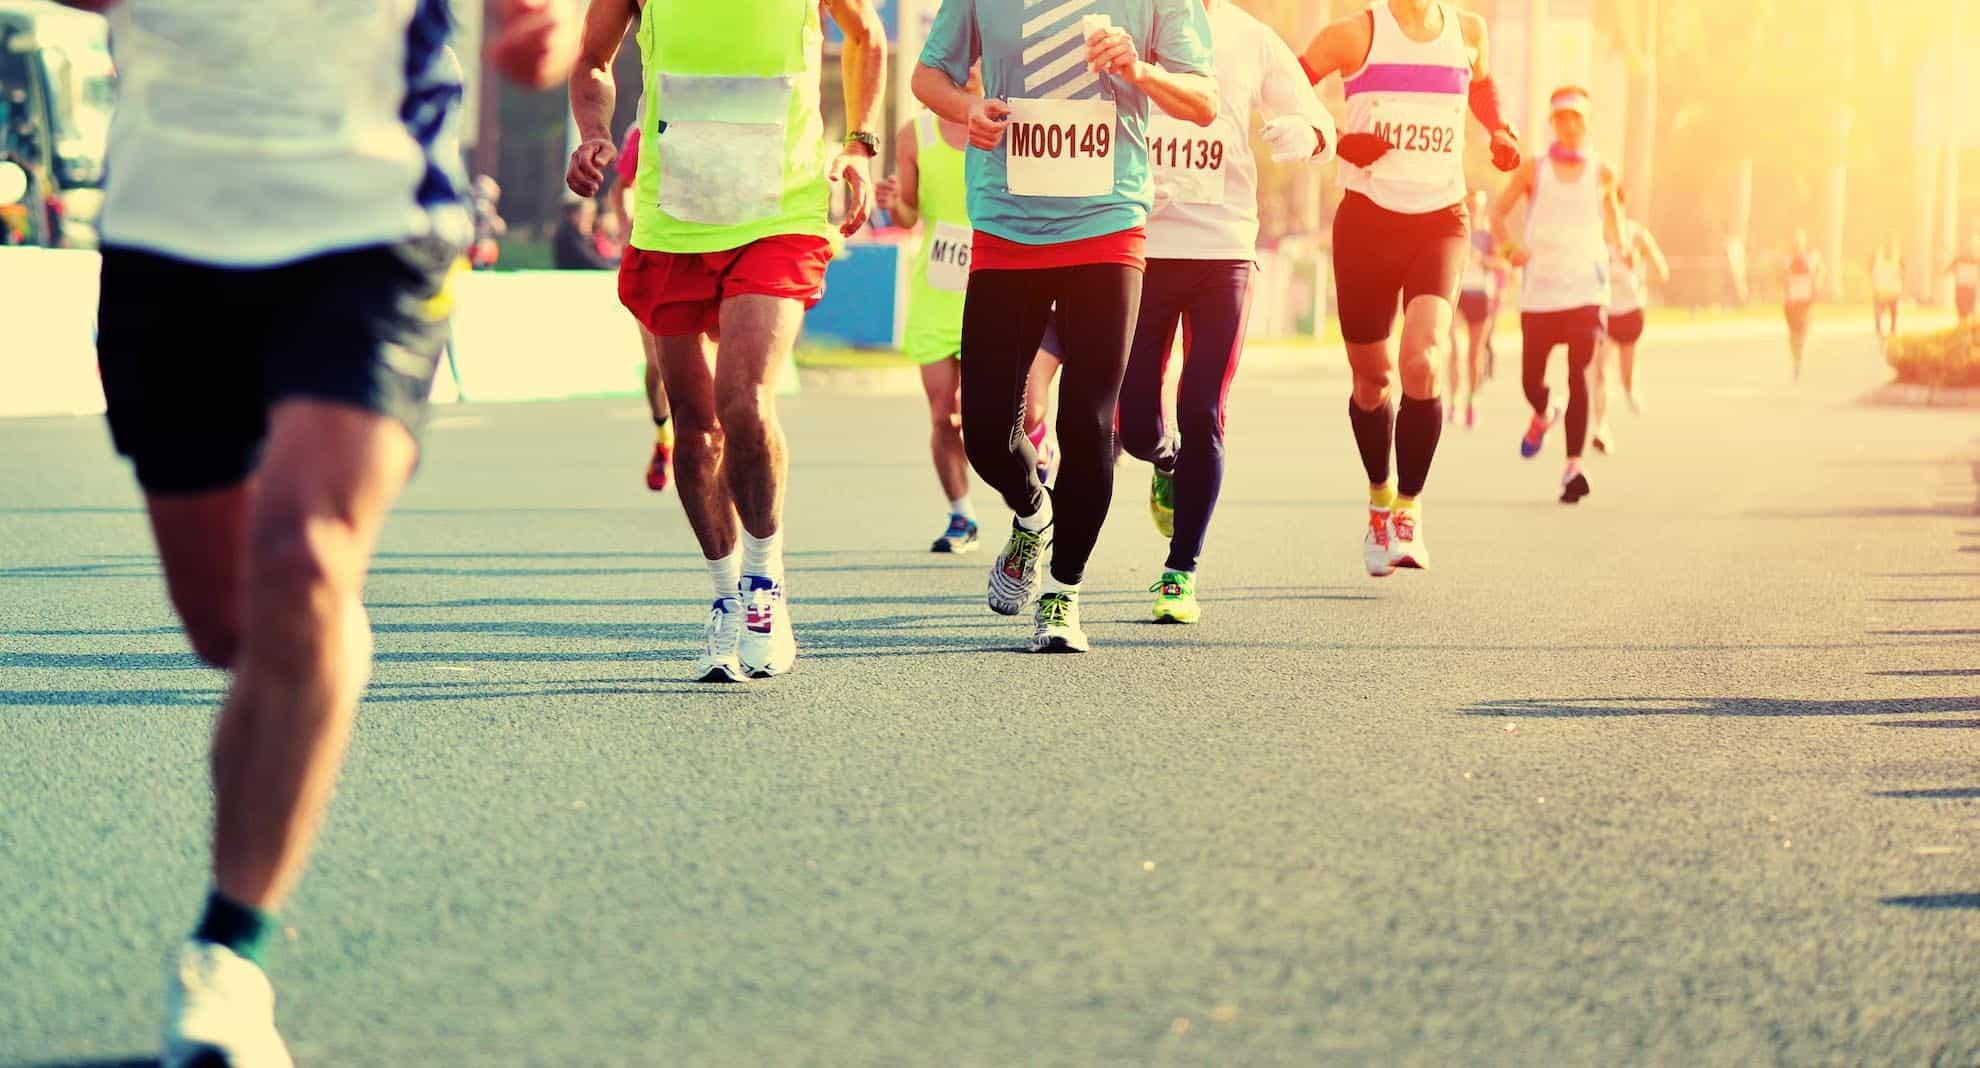 Préparation au marathon : Les entraînements